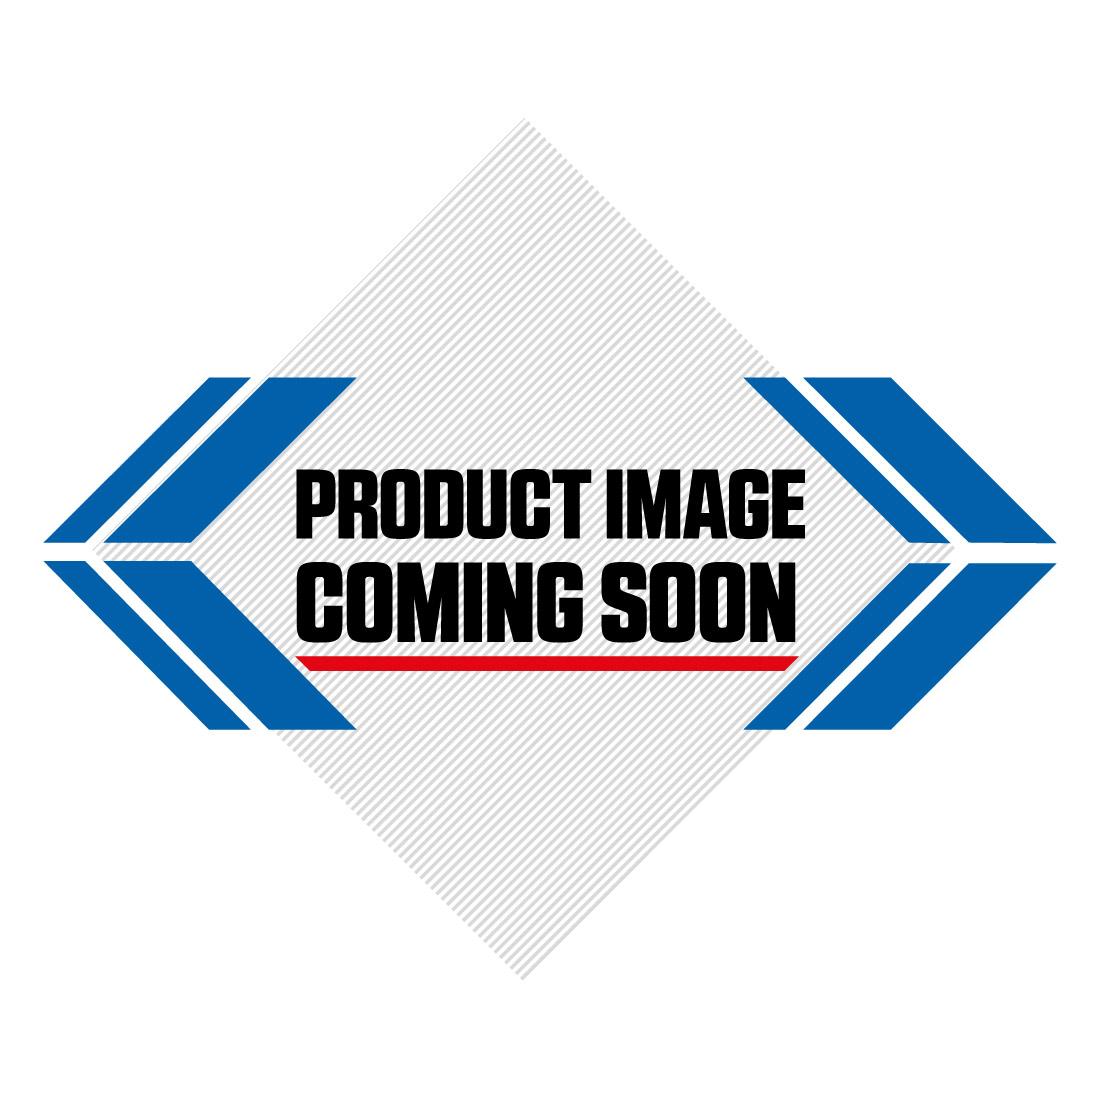 Husqvarna Plastic Kit OEM Factory (2007) Image-5>